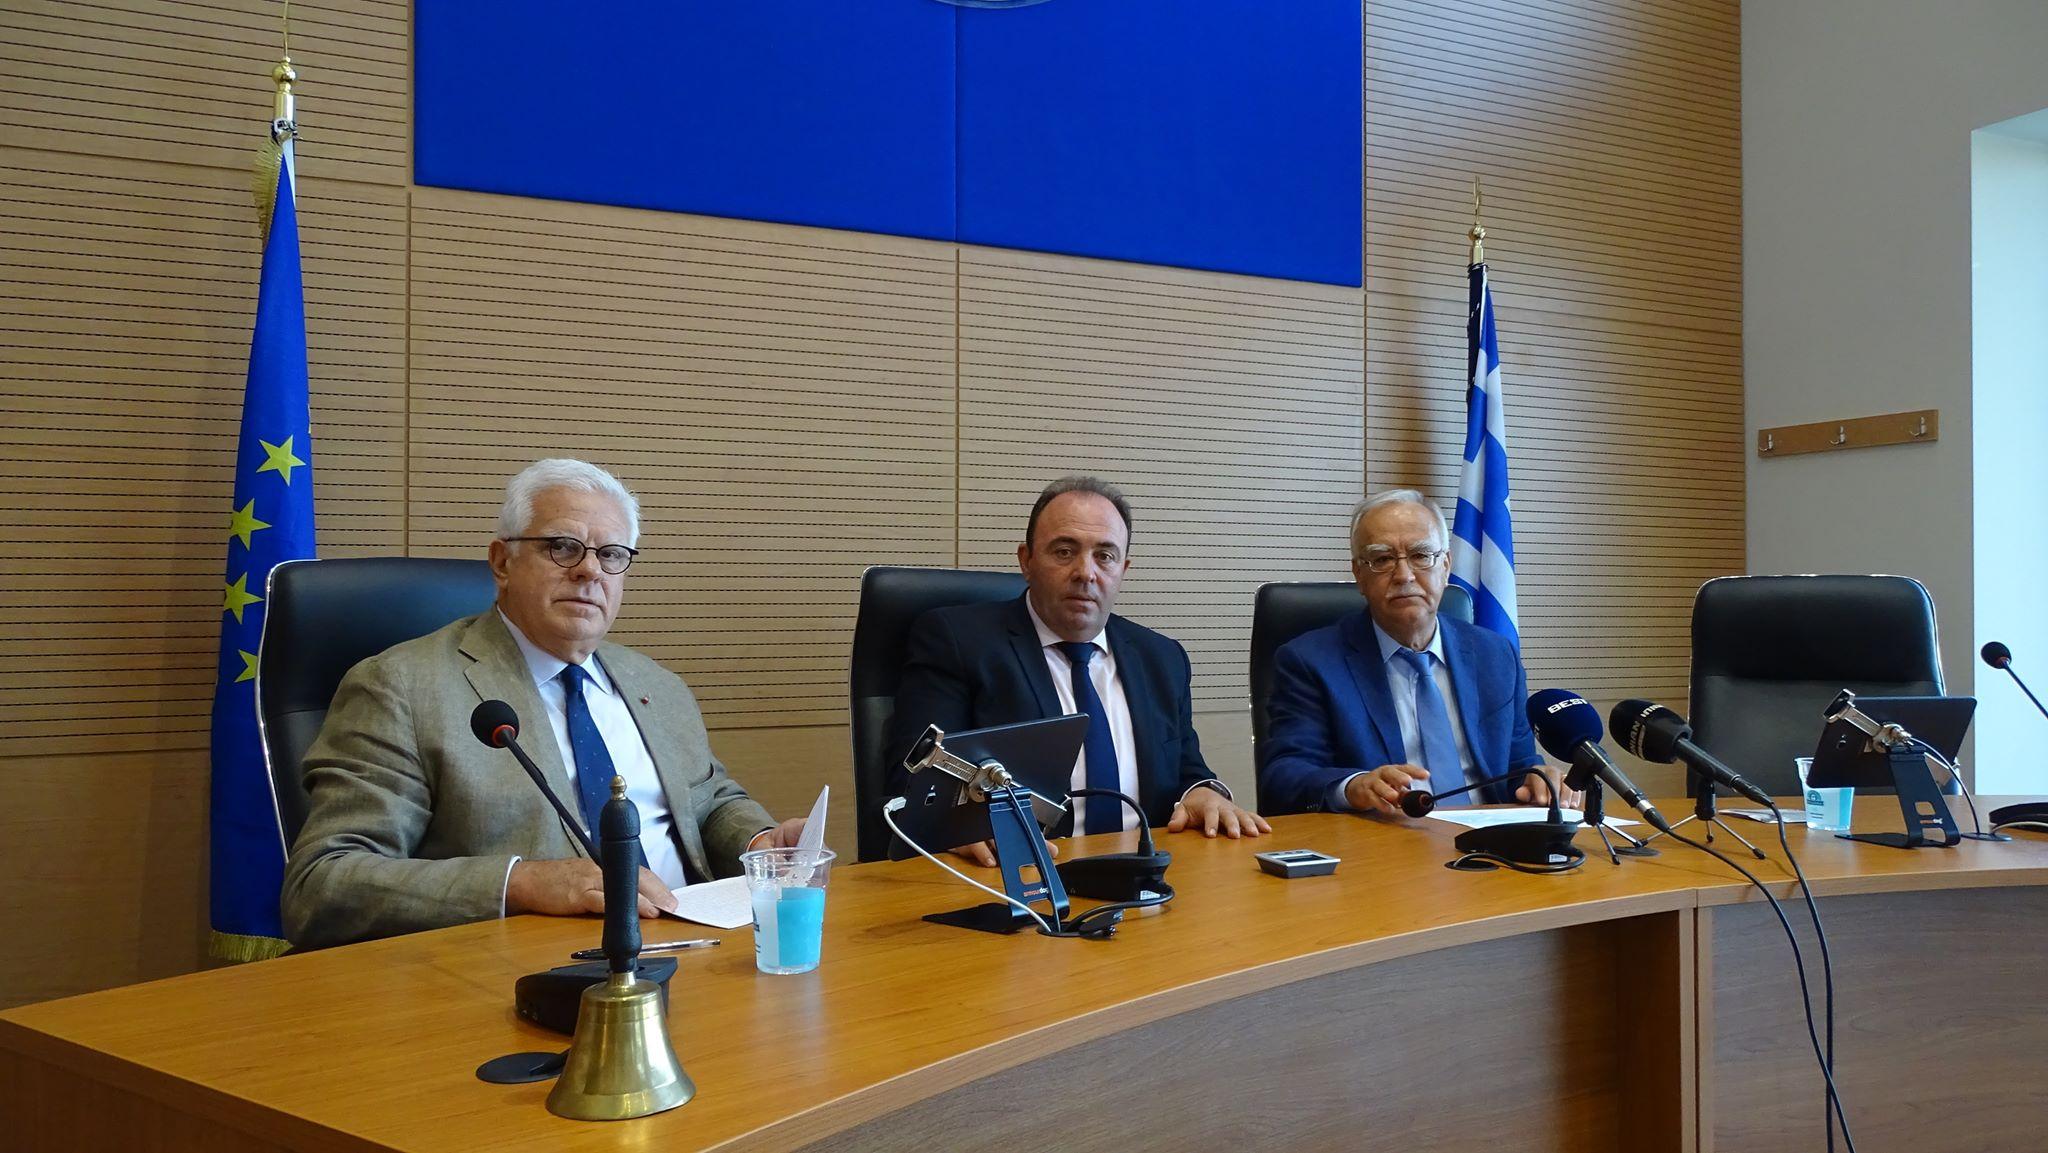 Ξεκινούν στα Καλάβρυτα οι επετειακές εκδηλώσεις για τα 200 χρόνια από την Ελληνική Επανάσταση